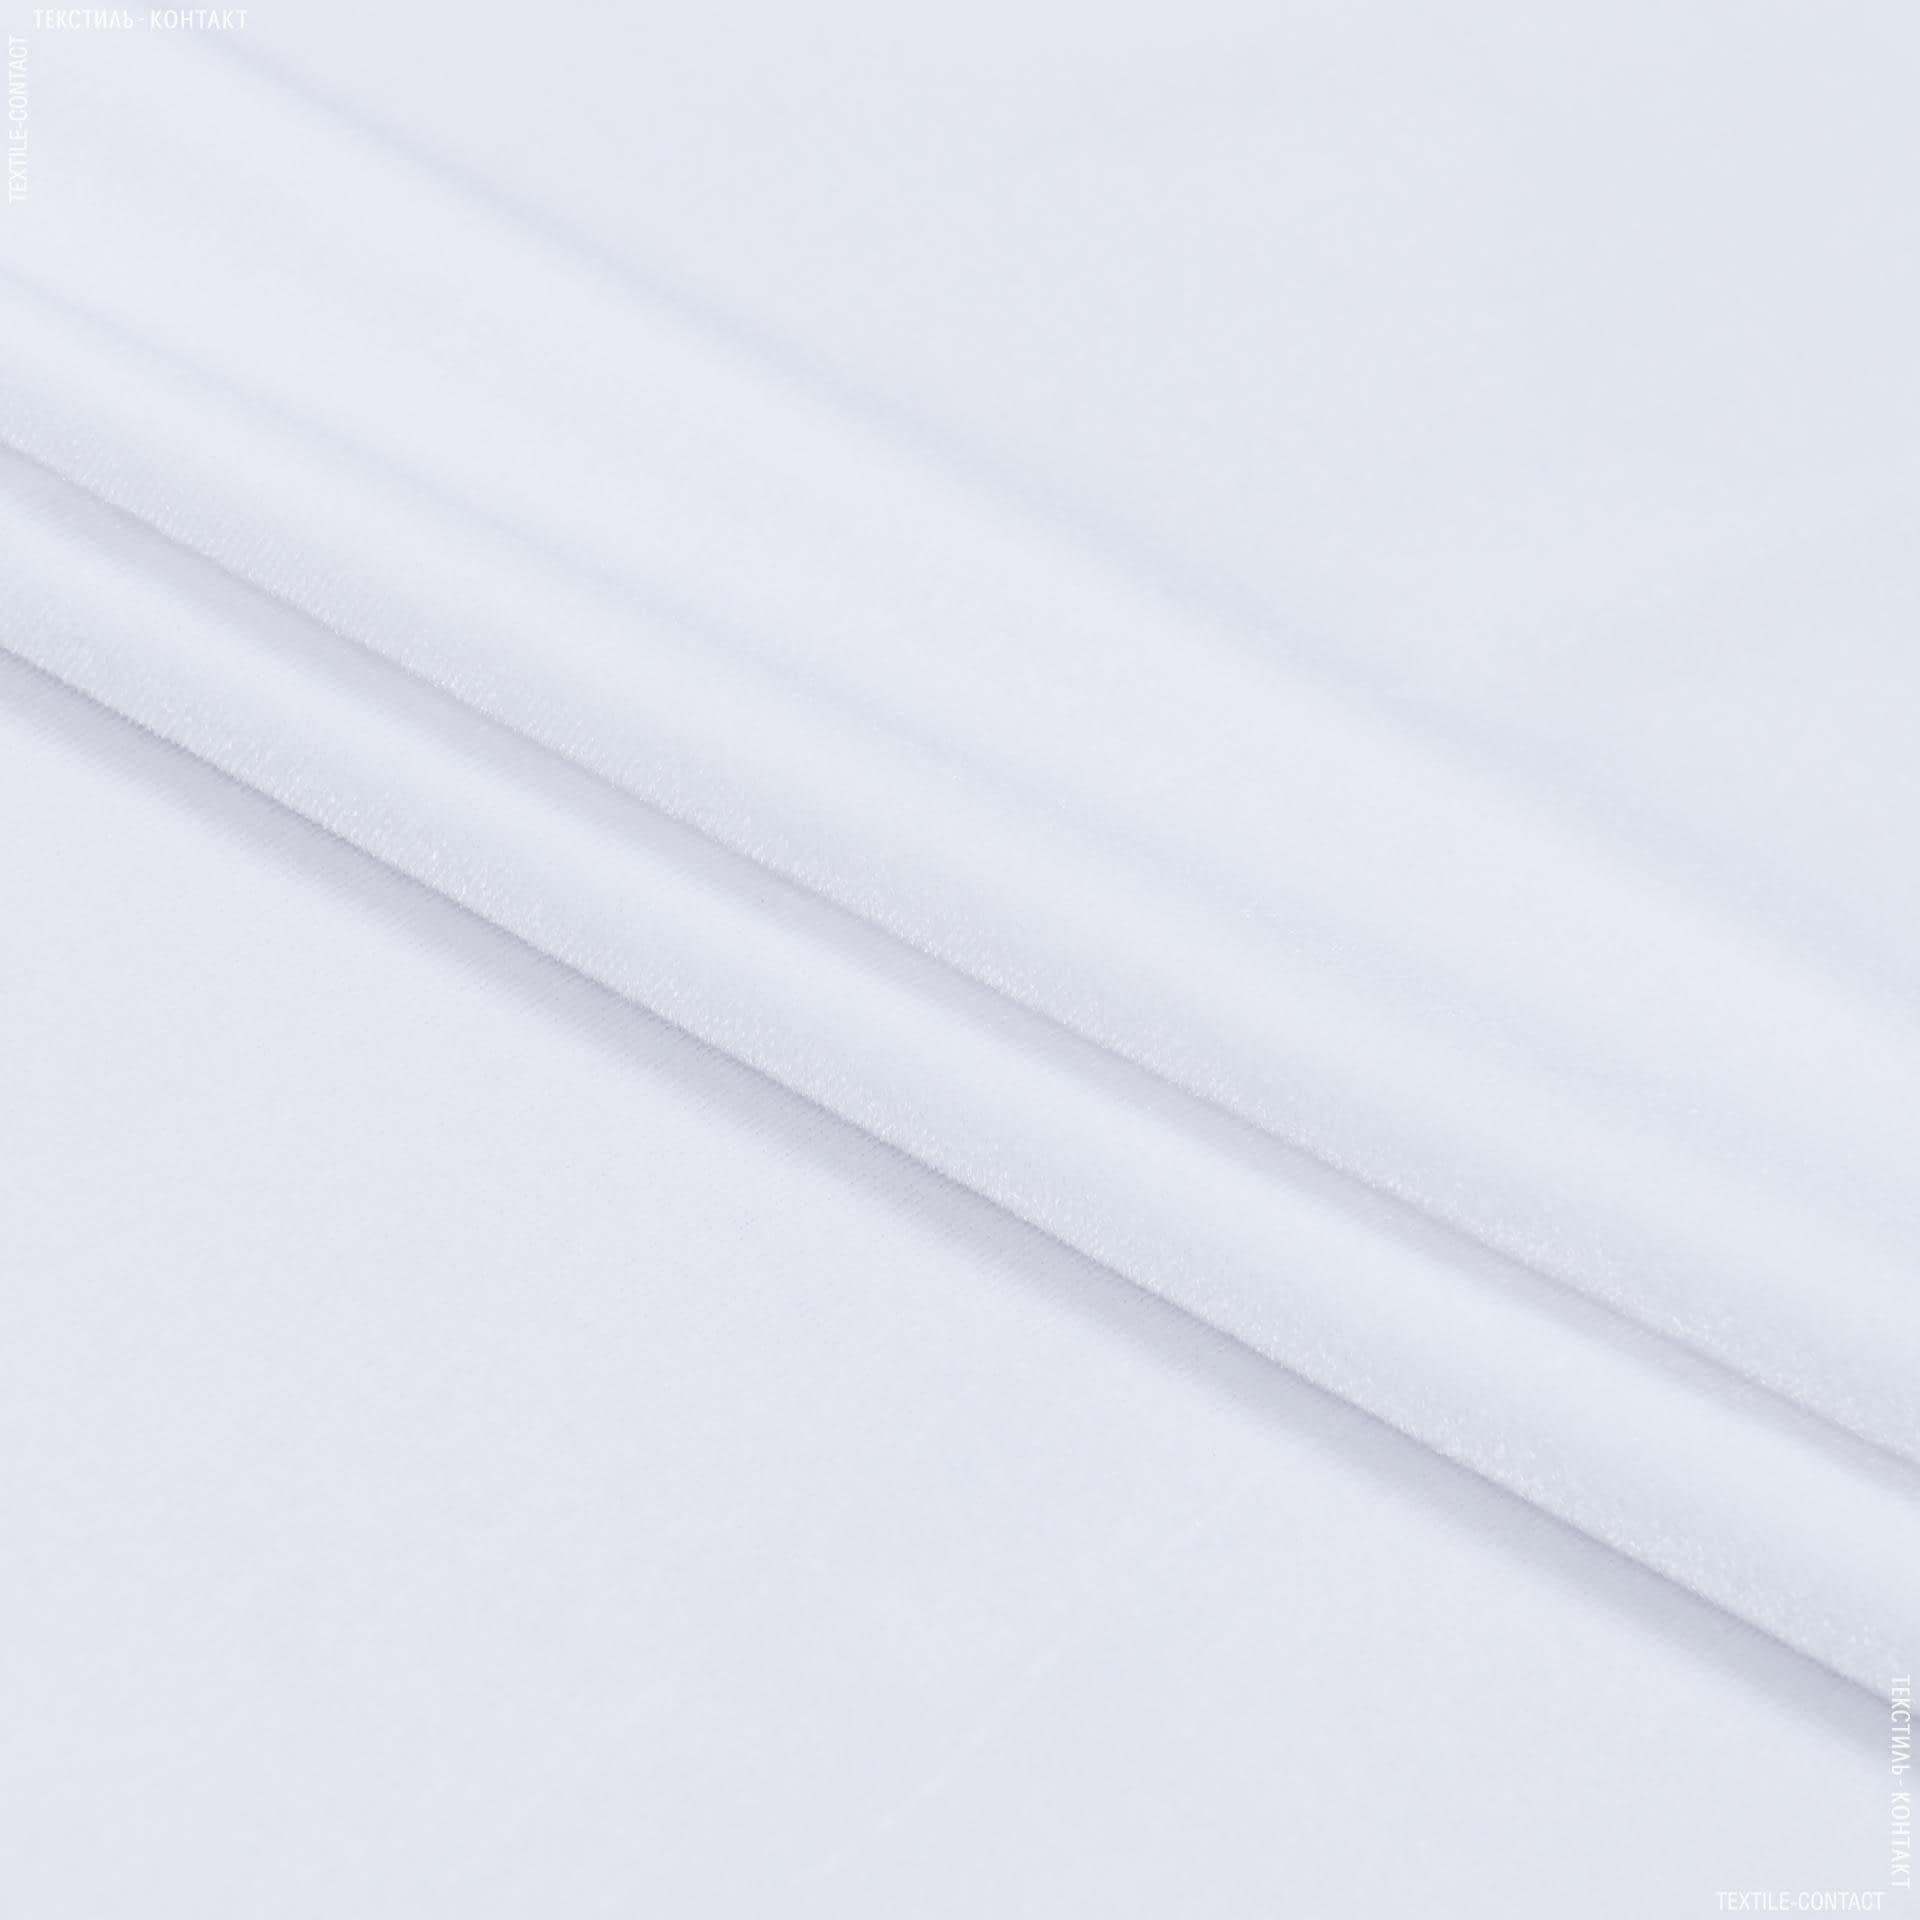 Ткани для верхней одежды - Бархат стрейч белый